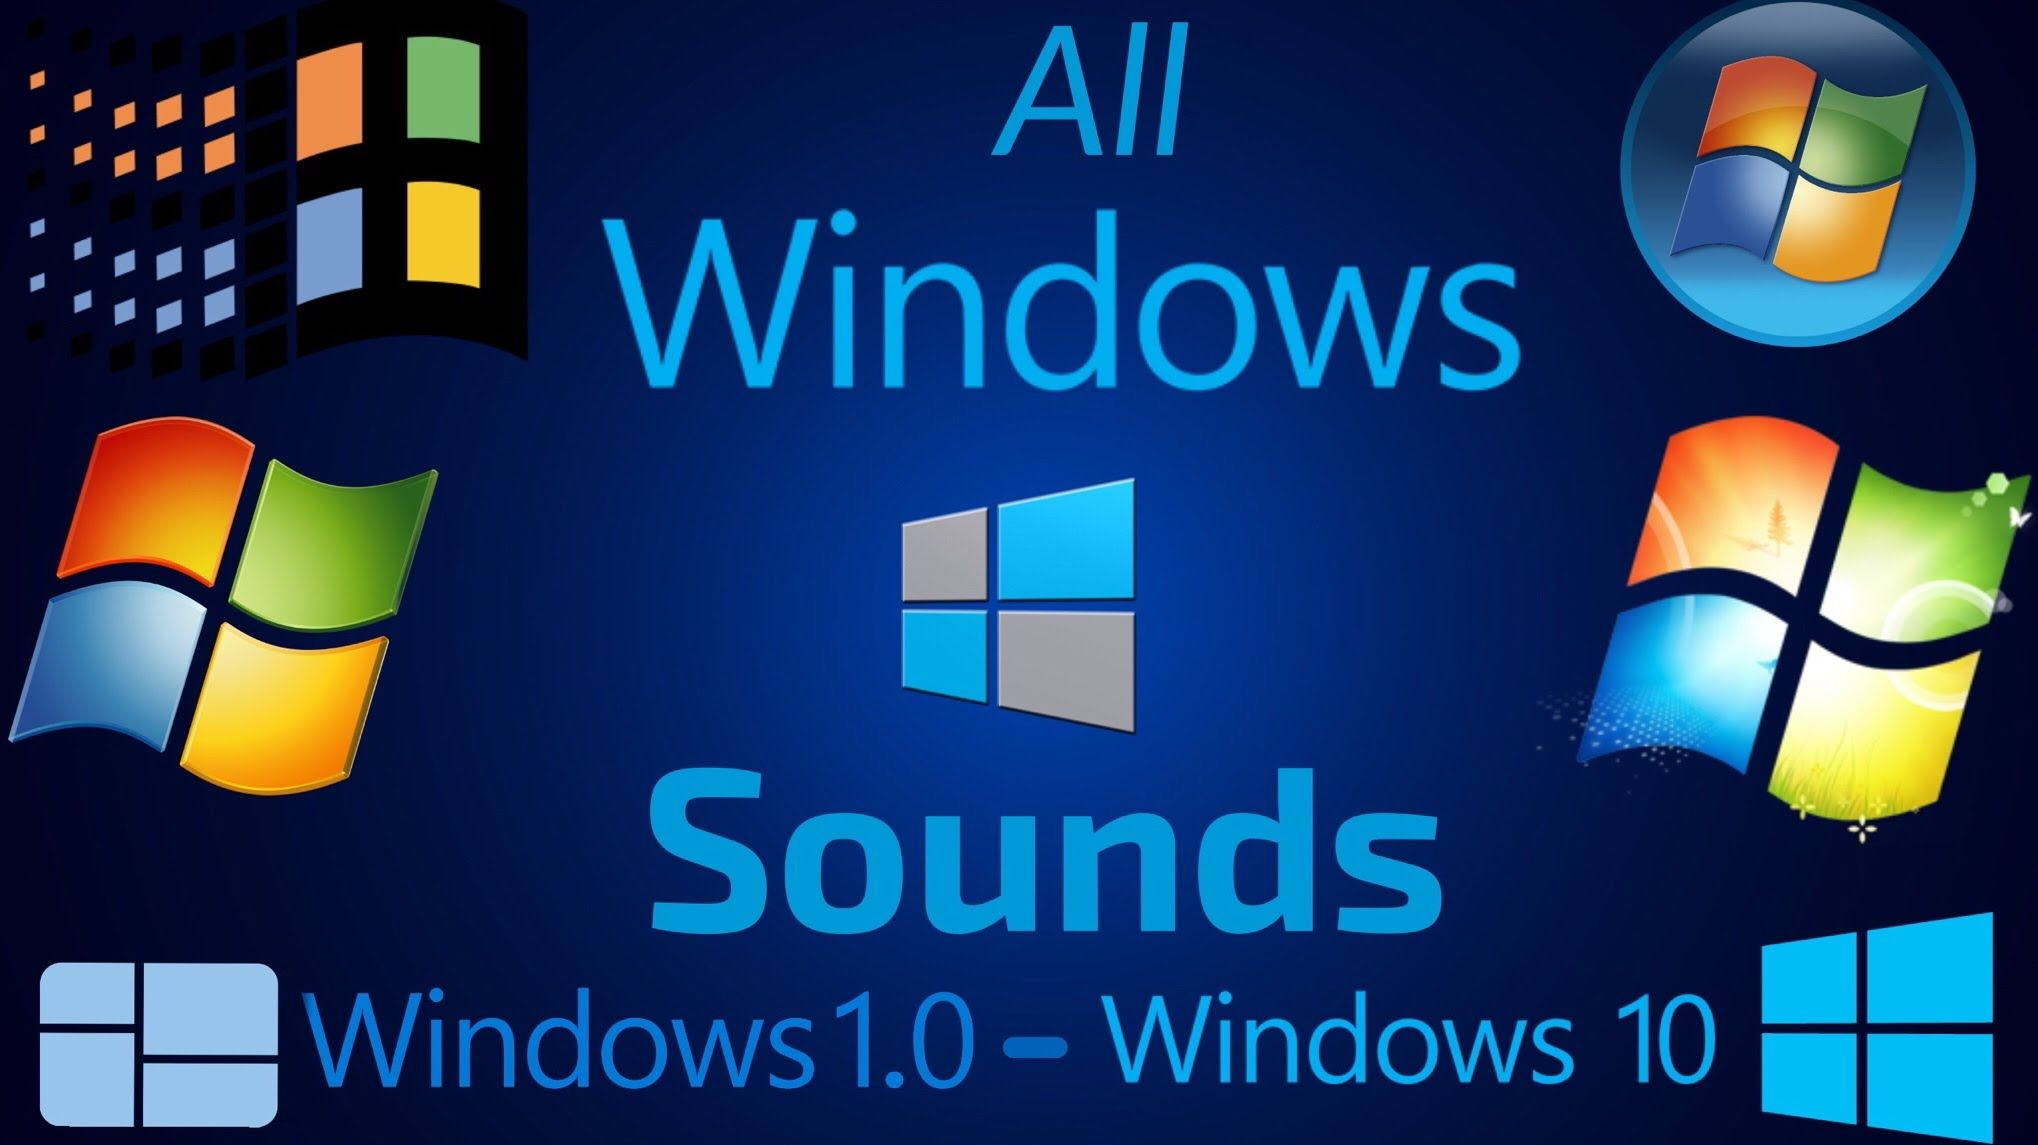 All Windows Sounds Windows 1 0 Windows 10 Windows 1 Windows 10 Windows